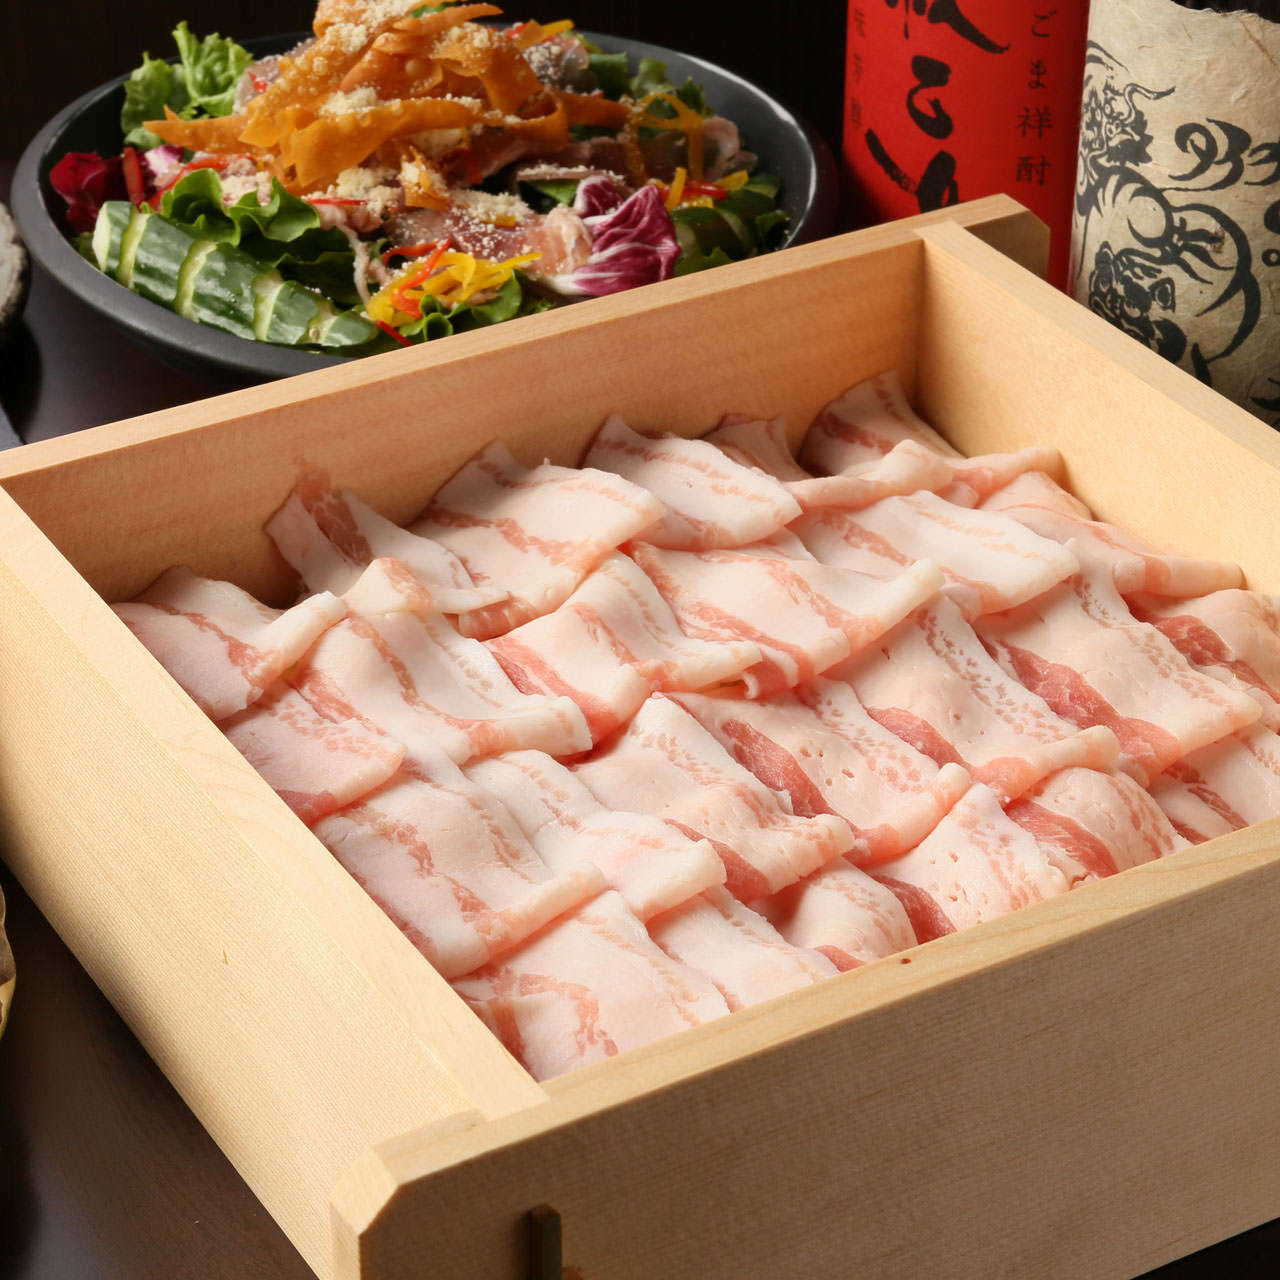 【8月限定】3時間飲み放題付き夏野菜の蒸篭蒸し全8品『九州満喫コース』